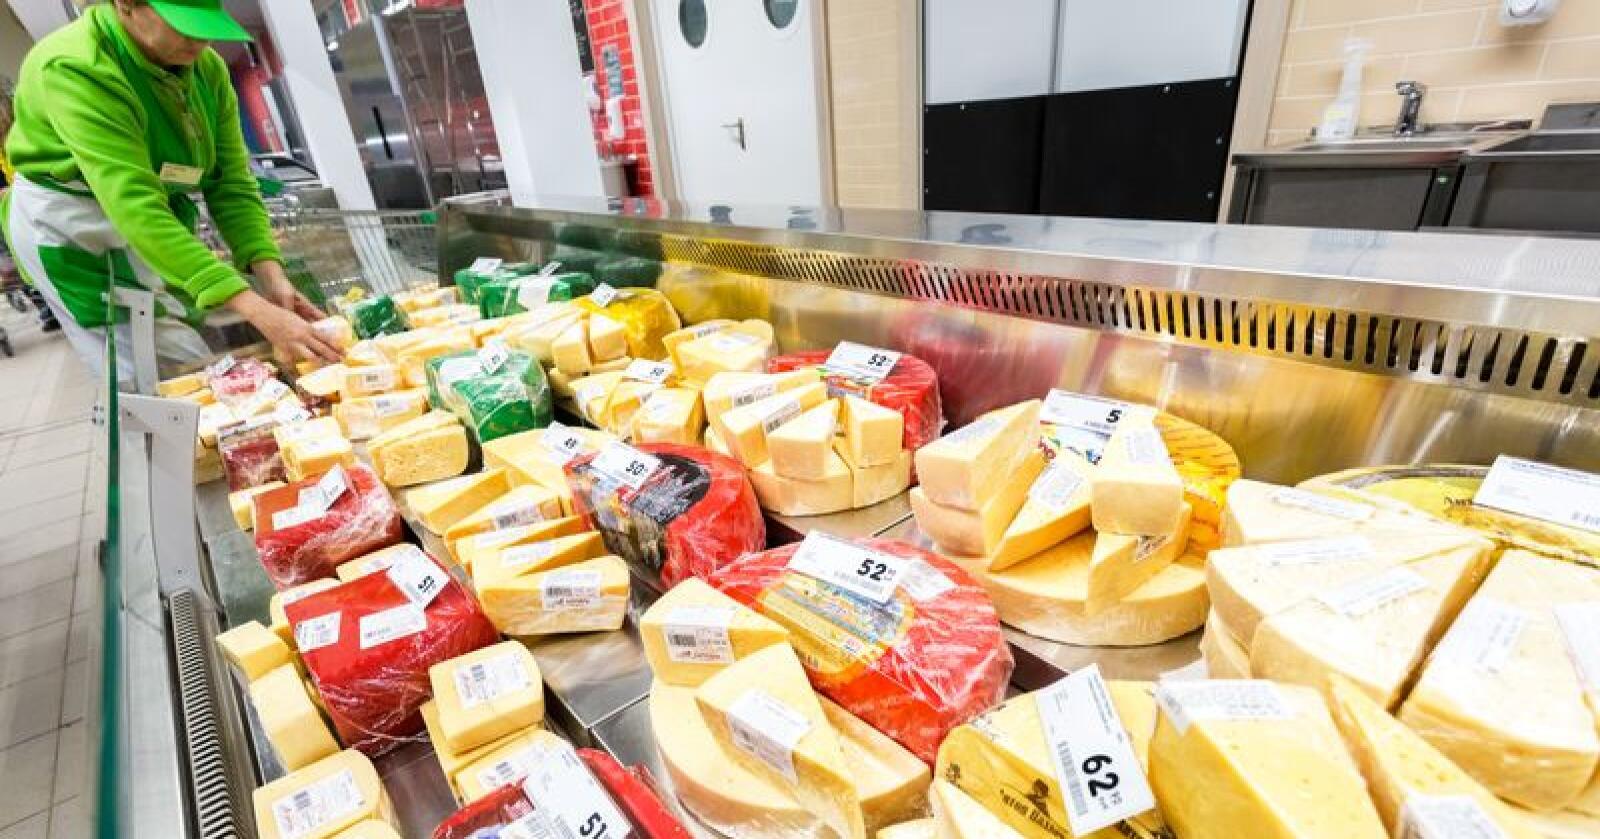 Norges import av landbruksprodukter øker stadig – ikke minst på ostesiden. Foto: Alexander Blinov/Mostphotos